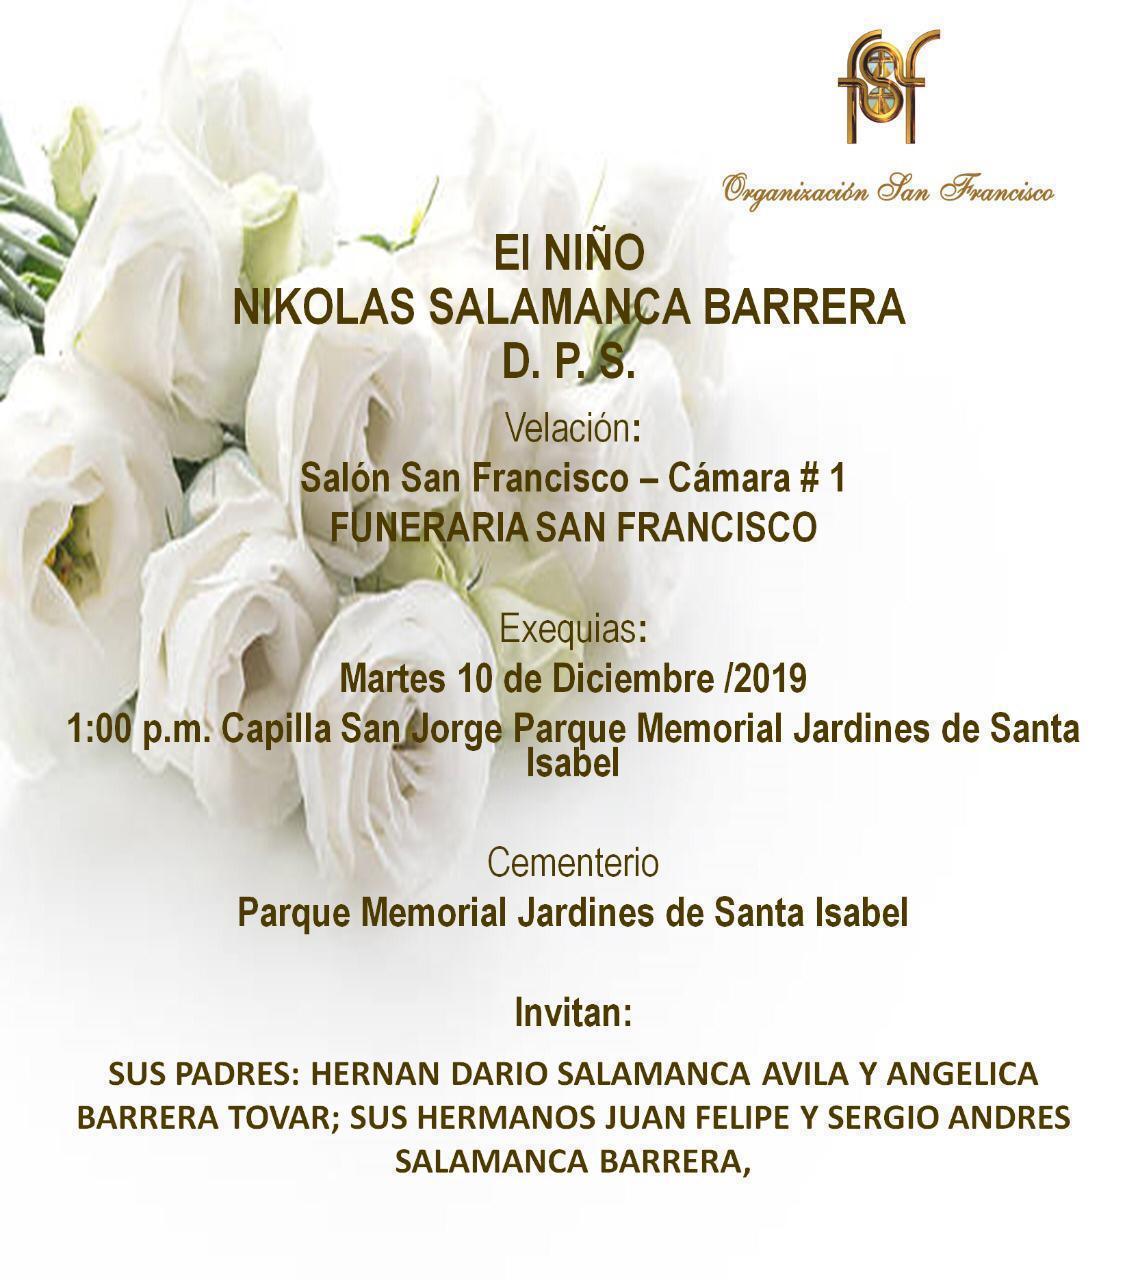 Exequias Nikolás Salamanca Barrera D.P.S.